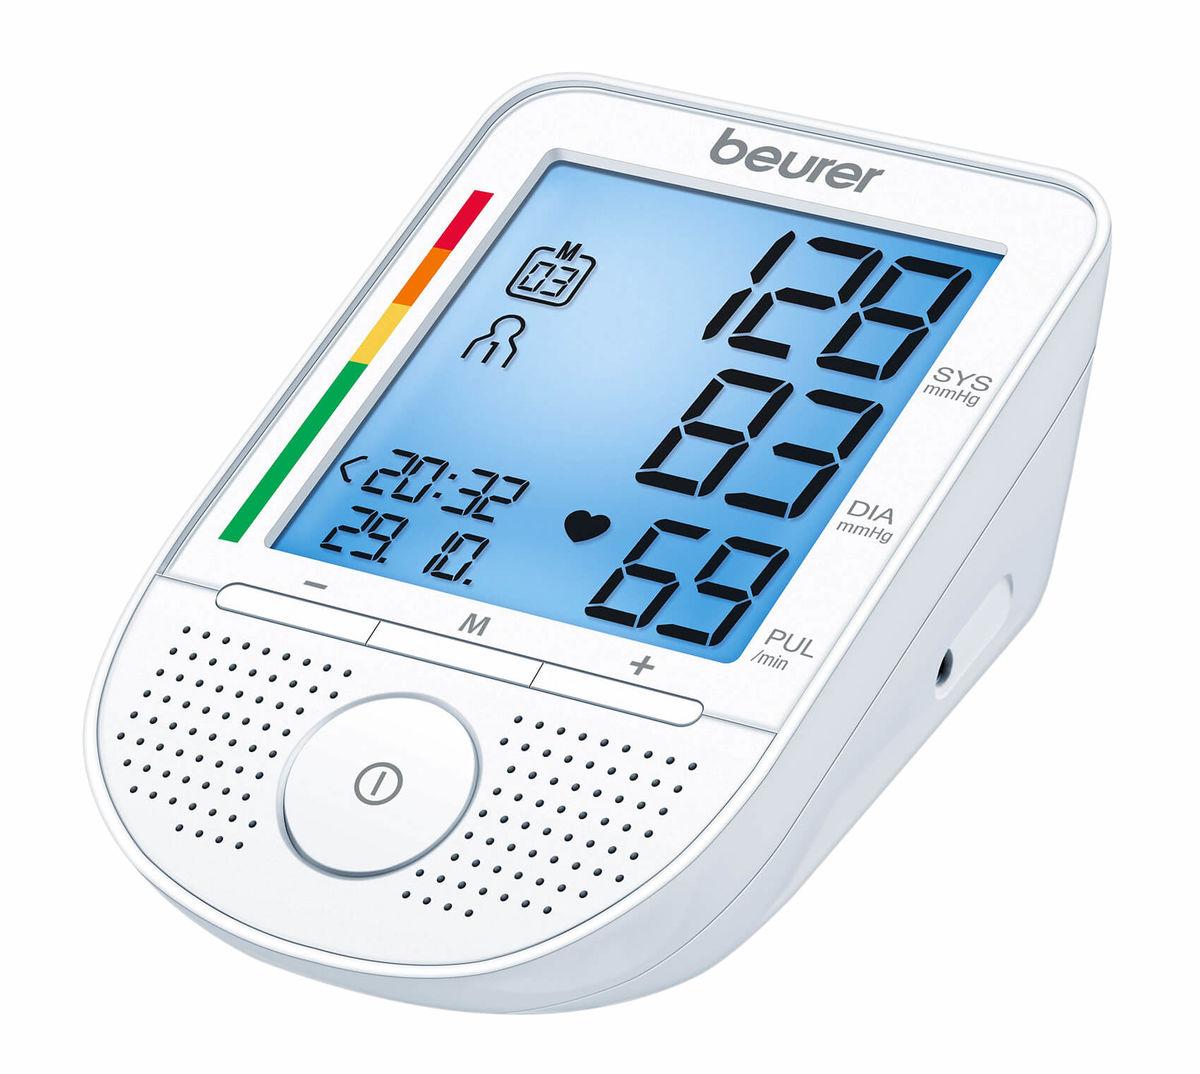 Beurer BM 49 Blutdruckmessgerät